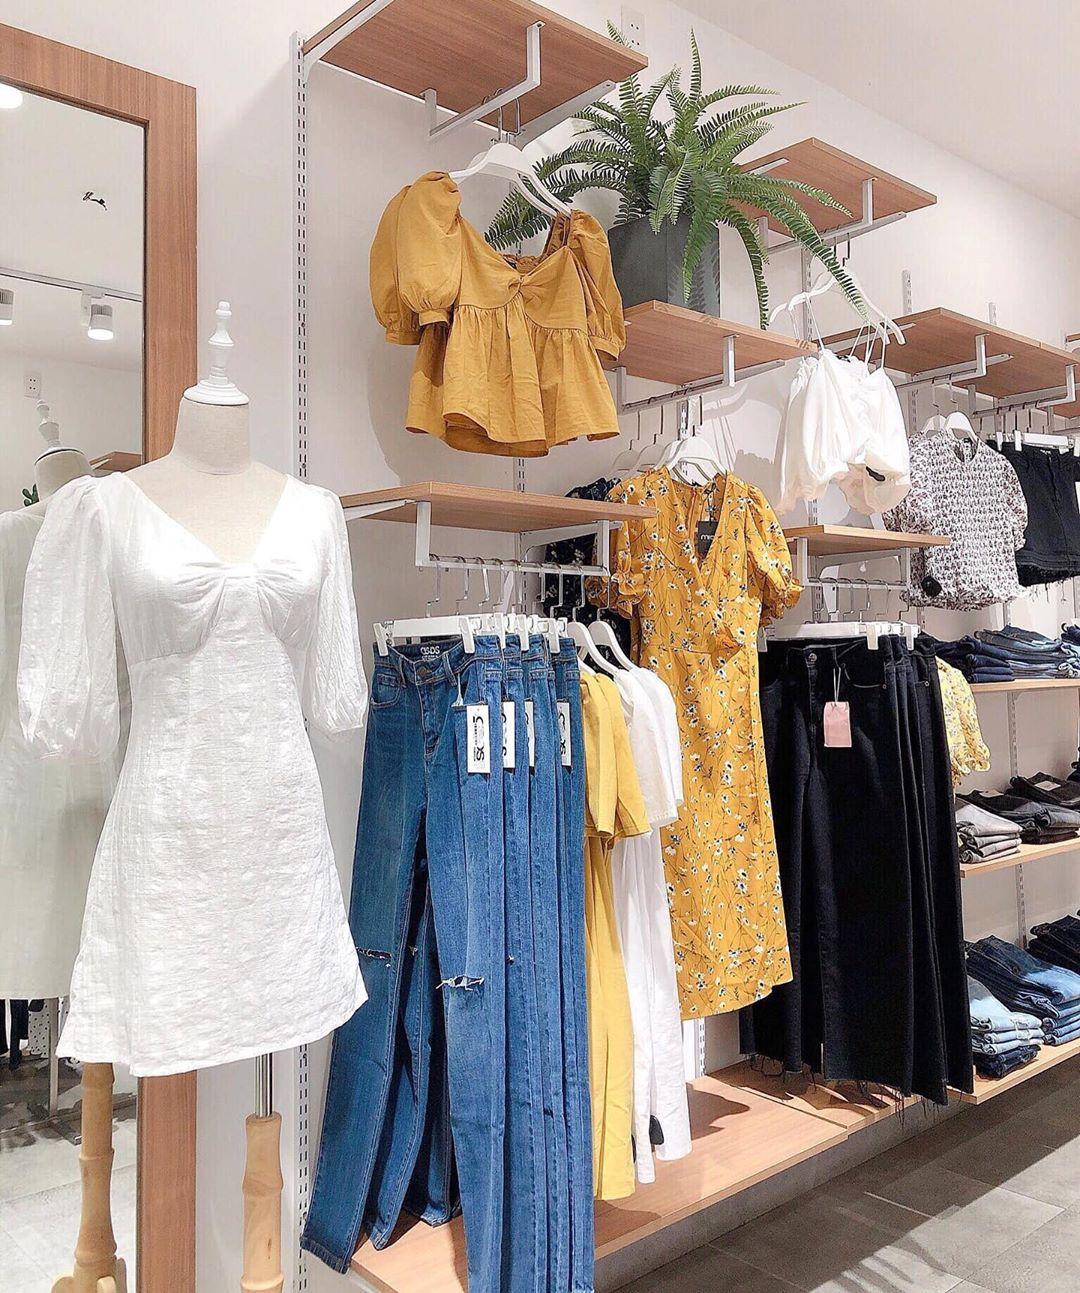 [MIÊU STORE] Địa điểm nên đến shopping của những cô nàng mê style nữ tính 16